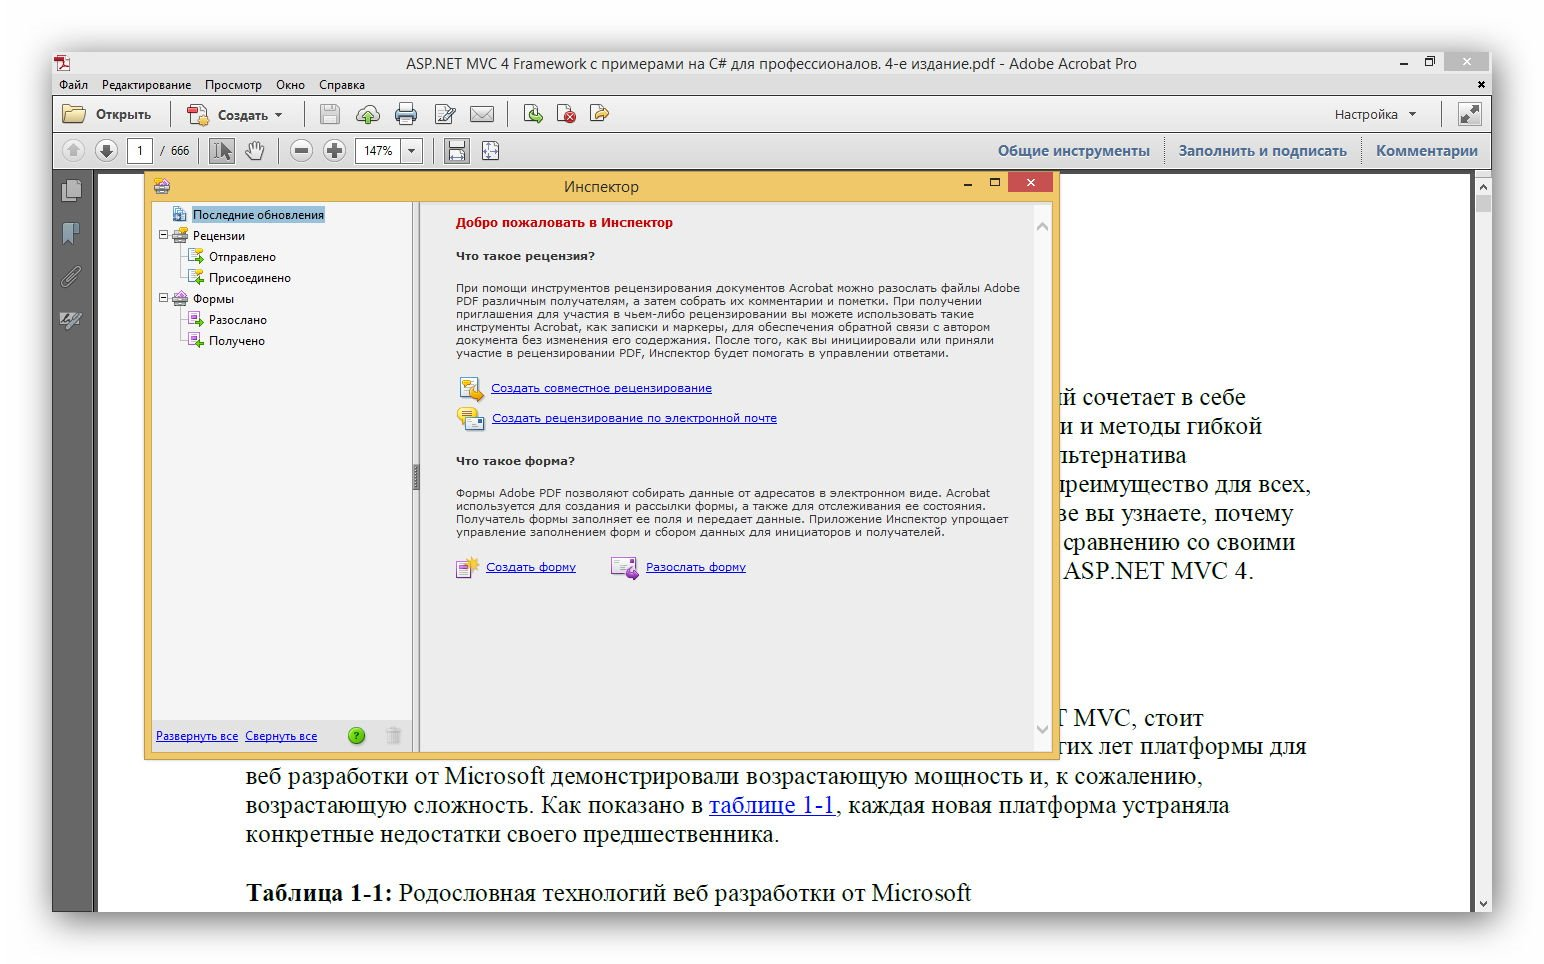 http://fs2.directupload.net/images/150124/9ik43v7b.jpg